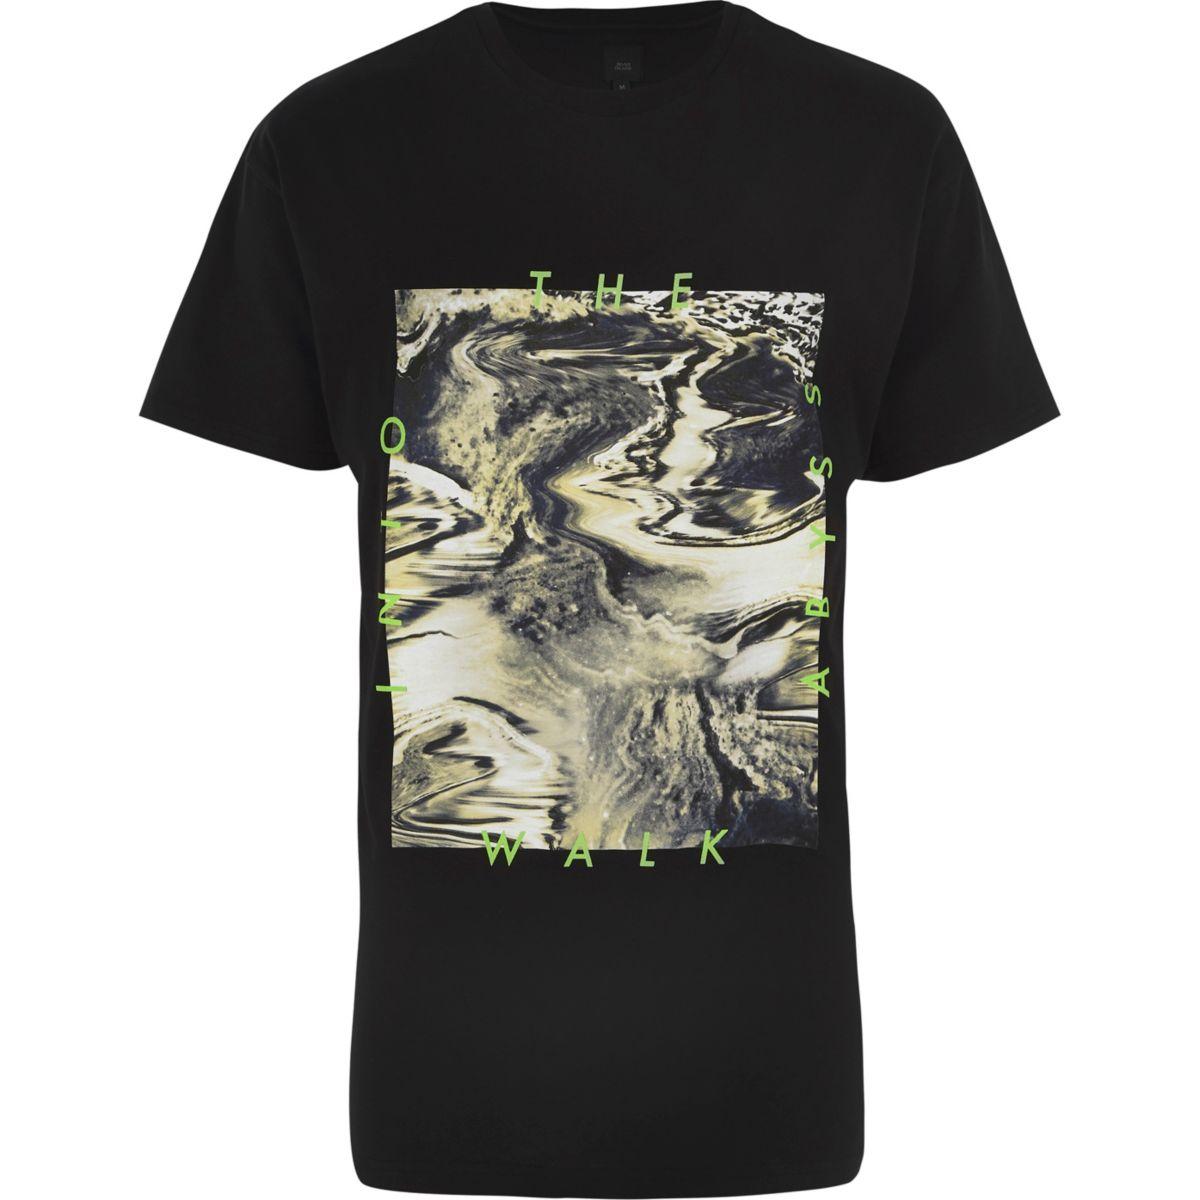 Zwart T-shirt met 'Walk into the abyss' olieprint